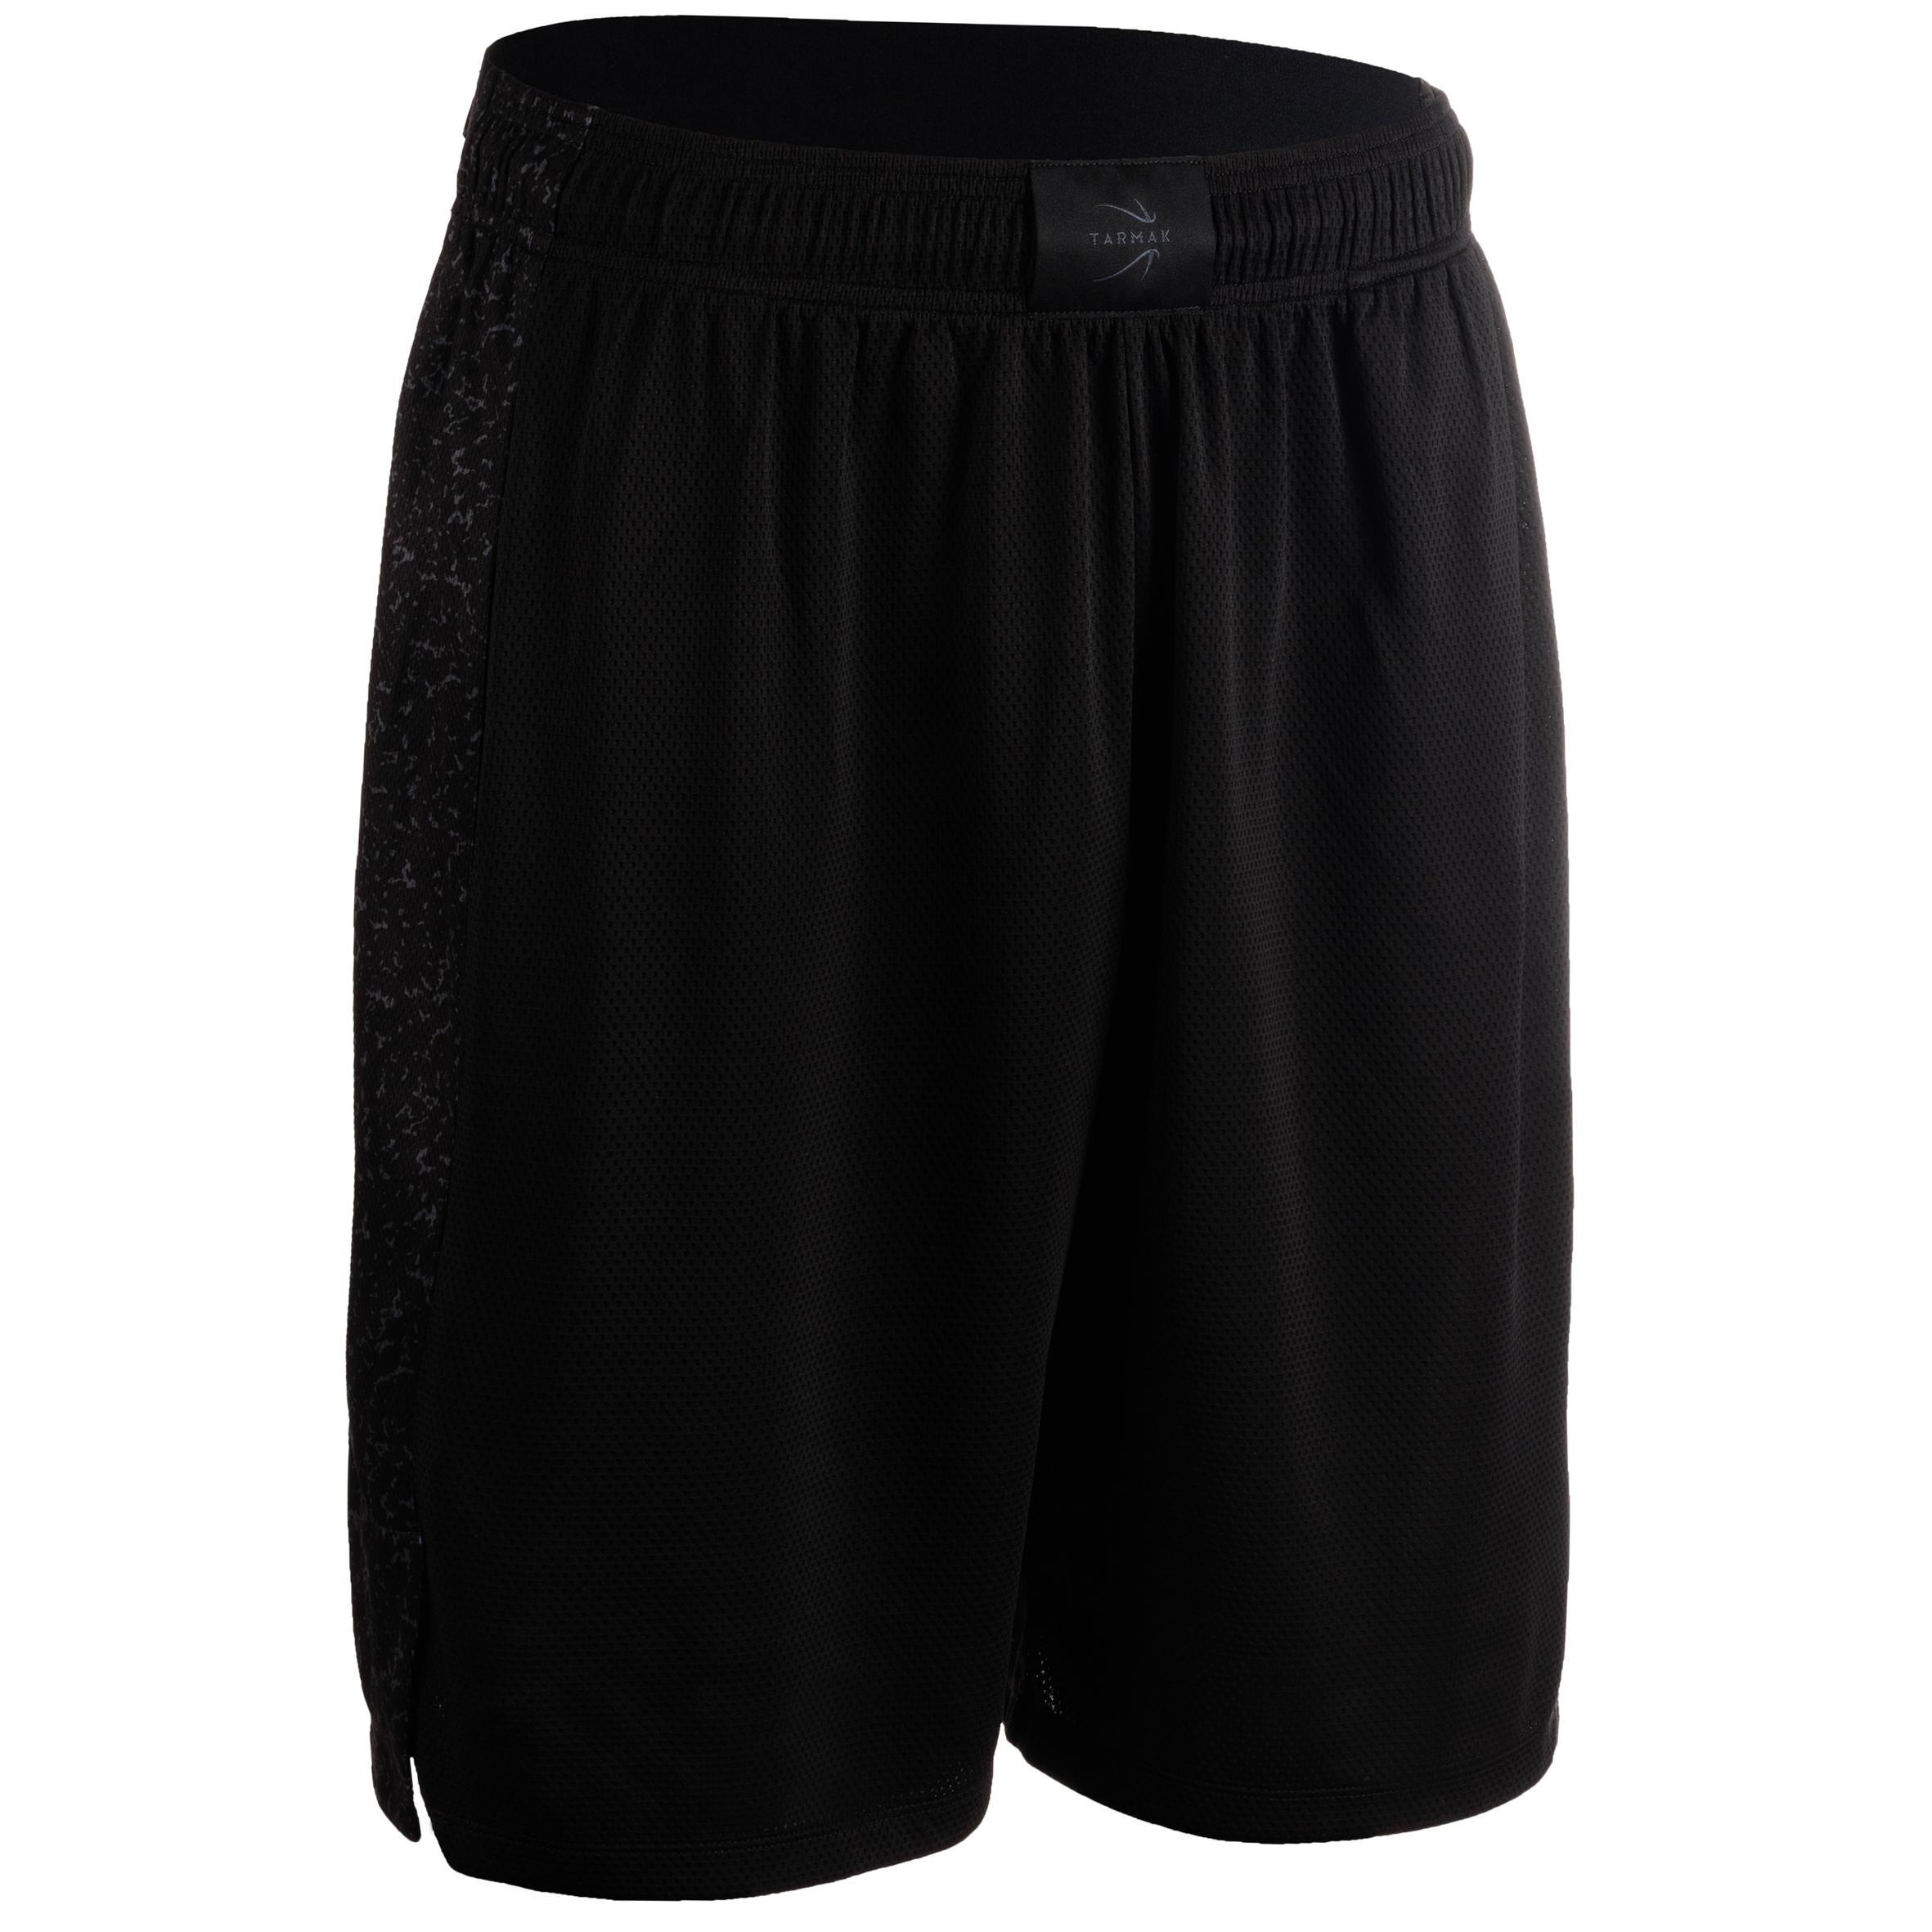 Basketballshorts SH500 Herren Fortgeschrittene schwarz/grau | Sportbekleidung > Sporthosen > Basketballshorts | Schwarz - Grau - Blau | Tarmak